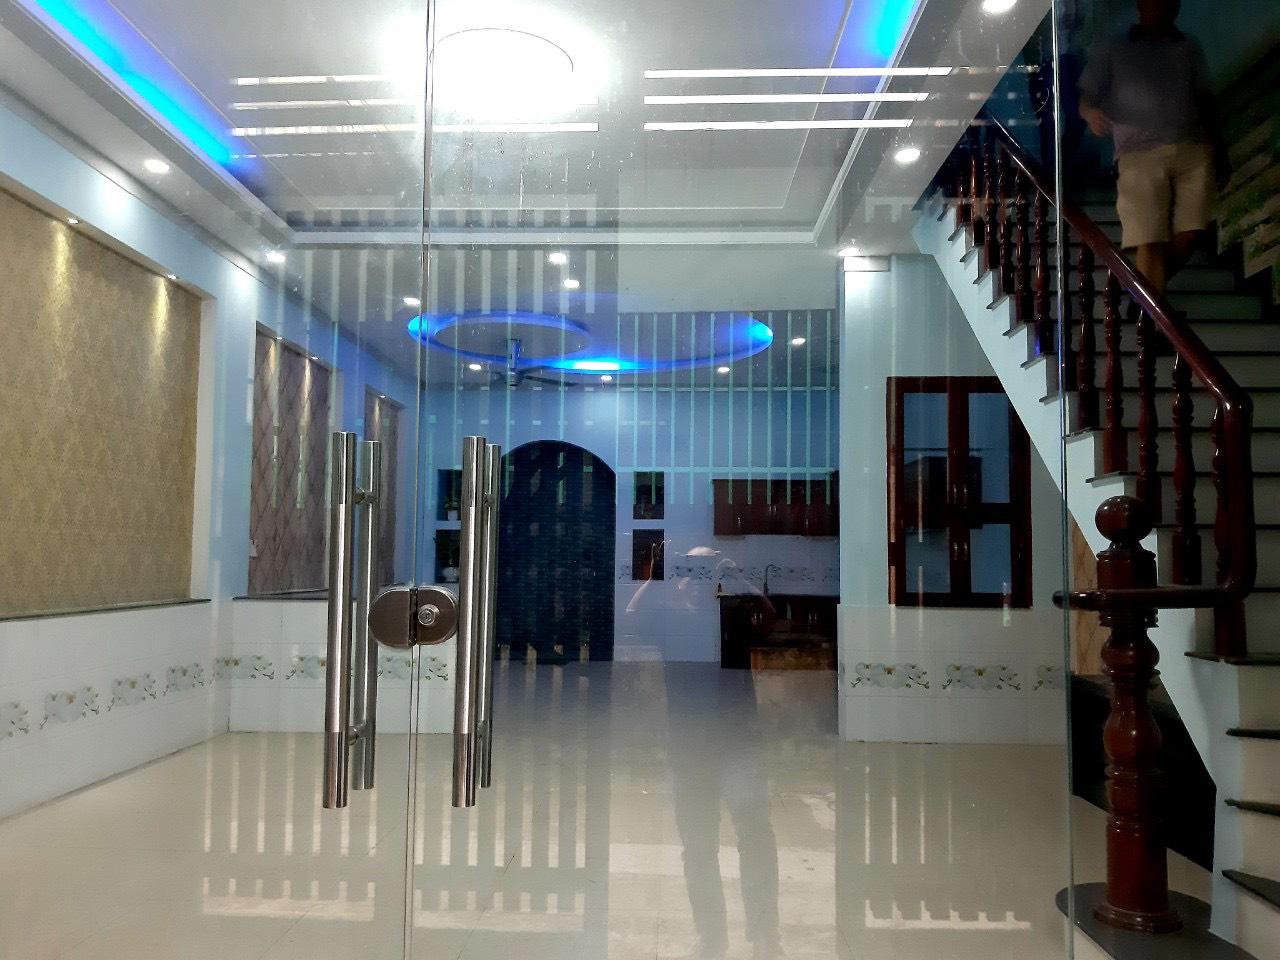 Bán nhà 1 lầu 1 trệt sổ hồng riêng phường Dĩ An gần đường Ngô Thị Nhậm , Thị xã Dĩ An